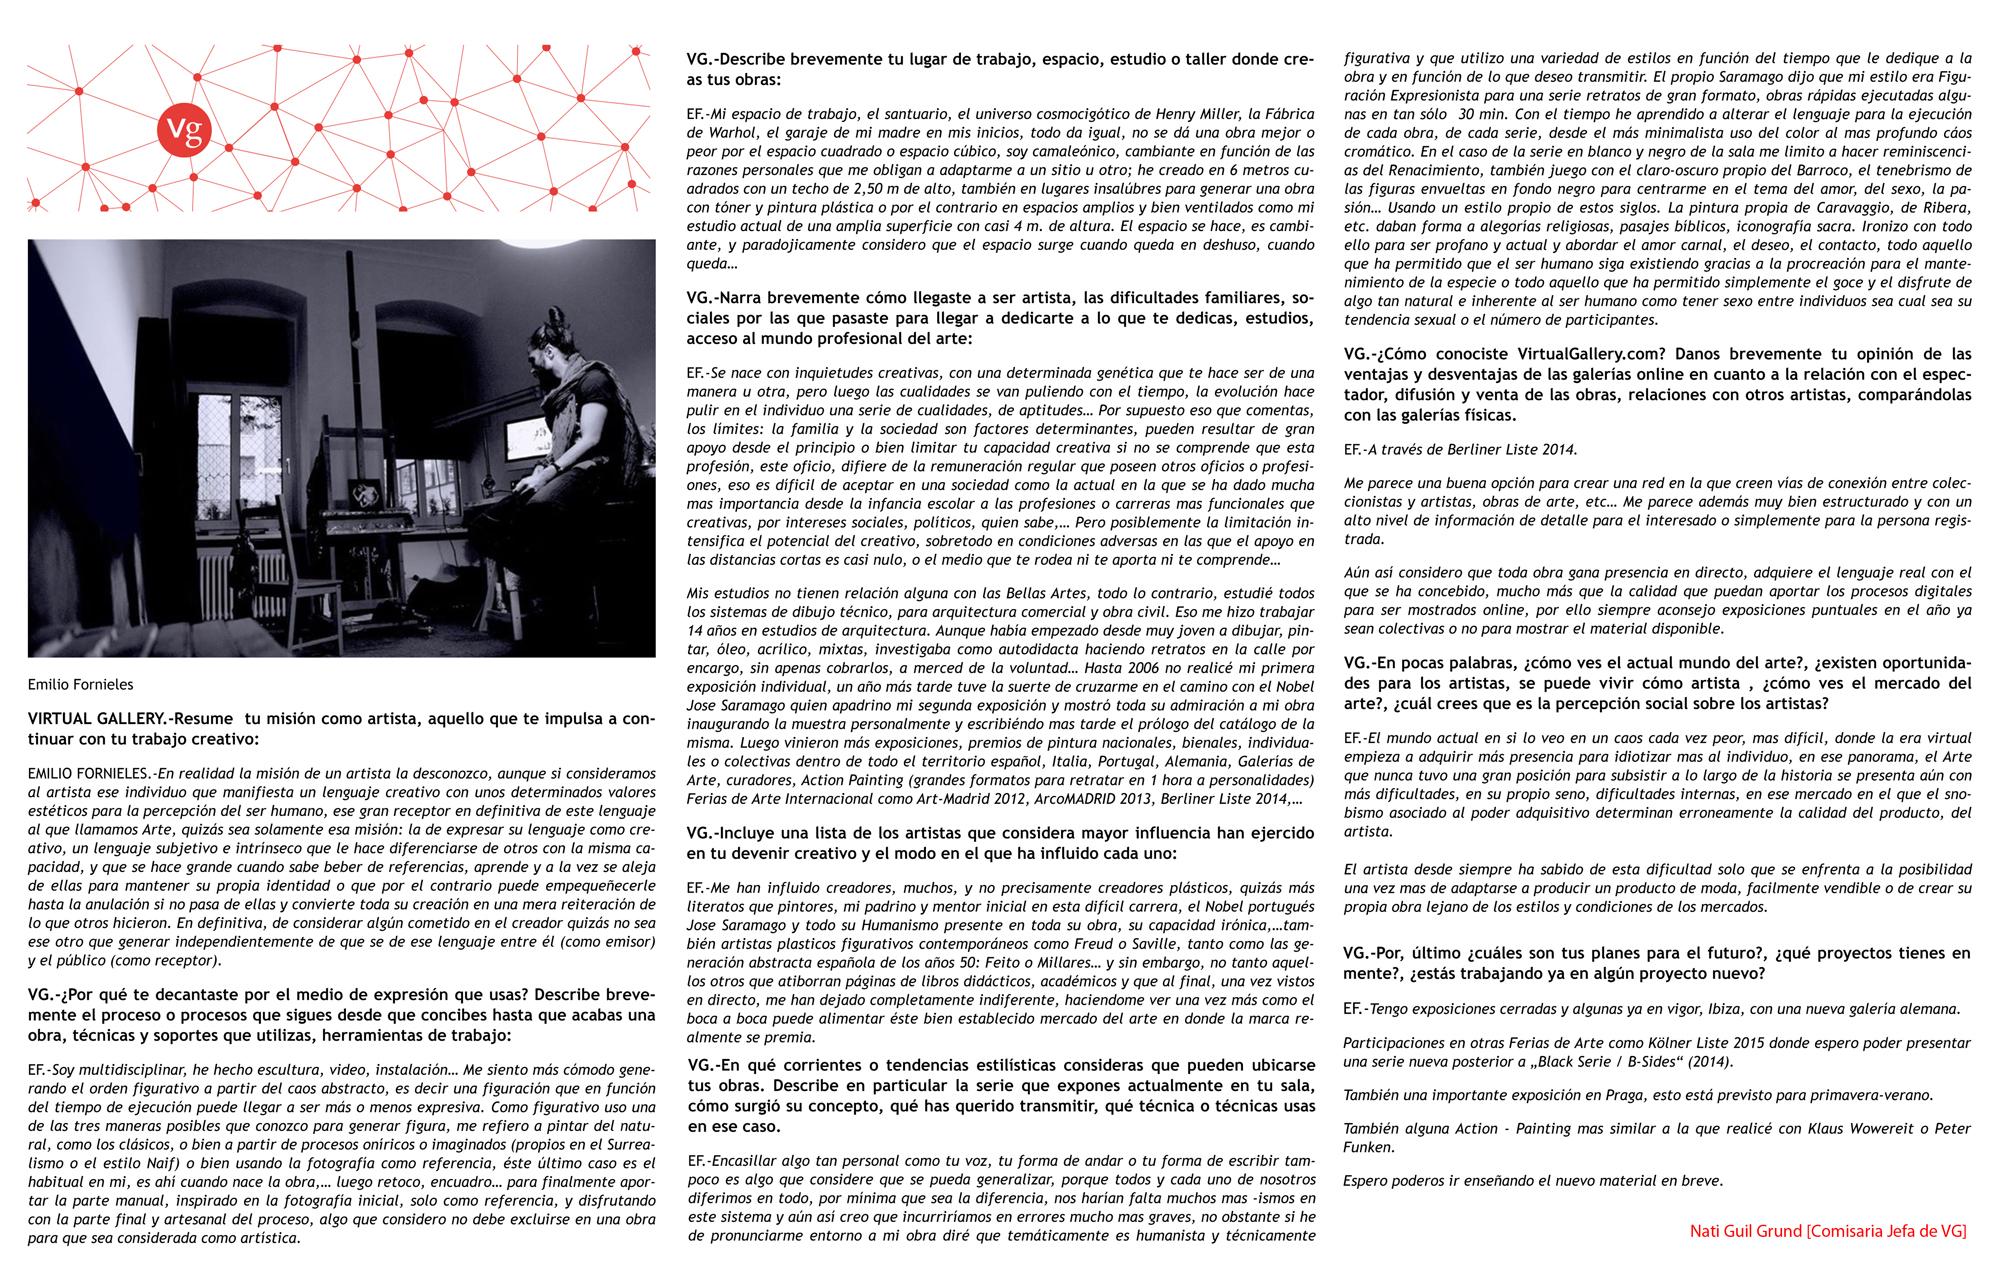 Entrevista VG-ESP